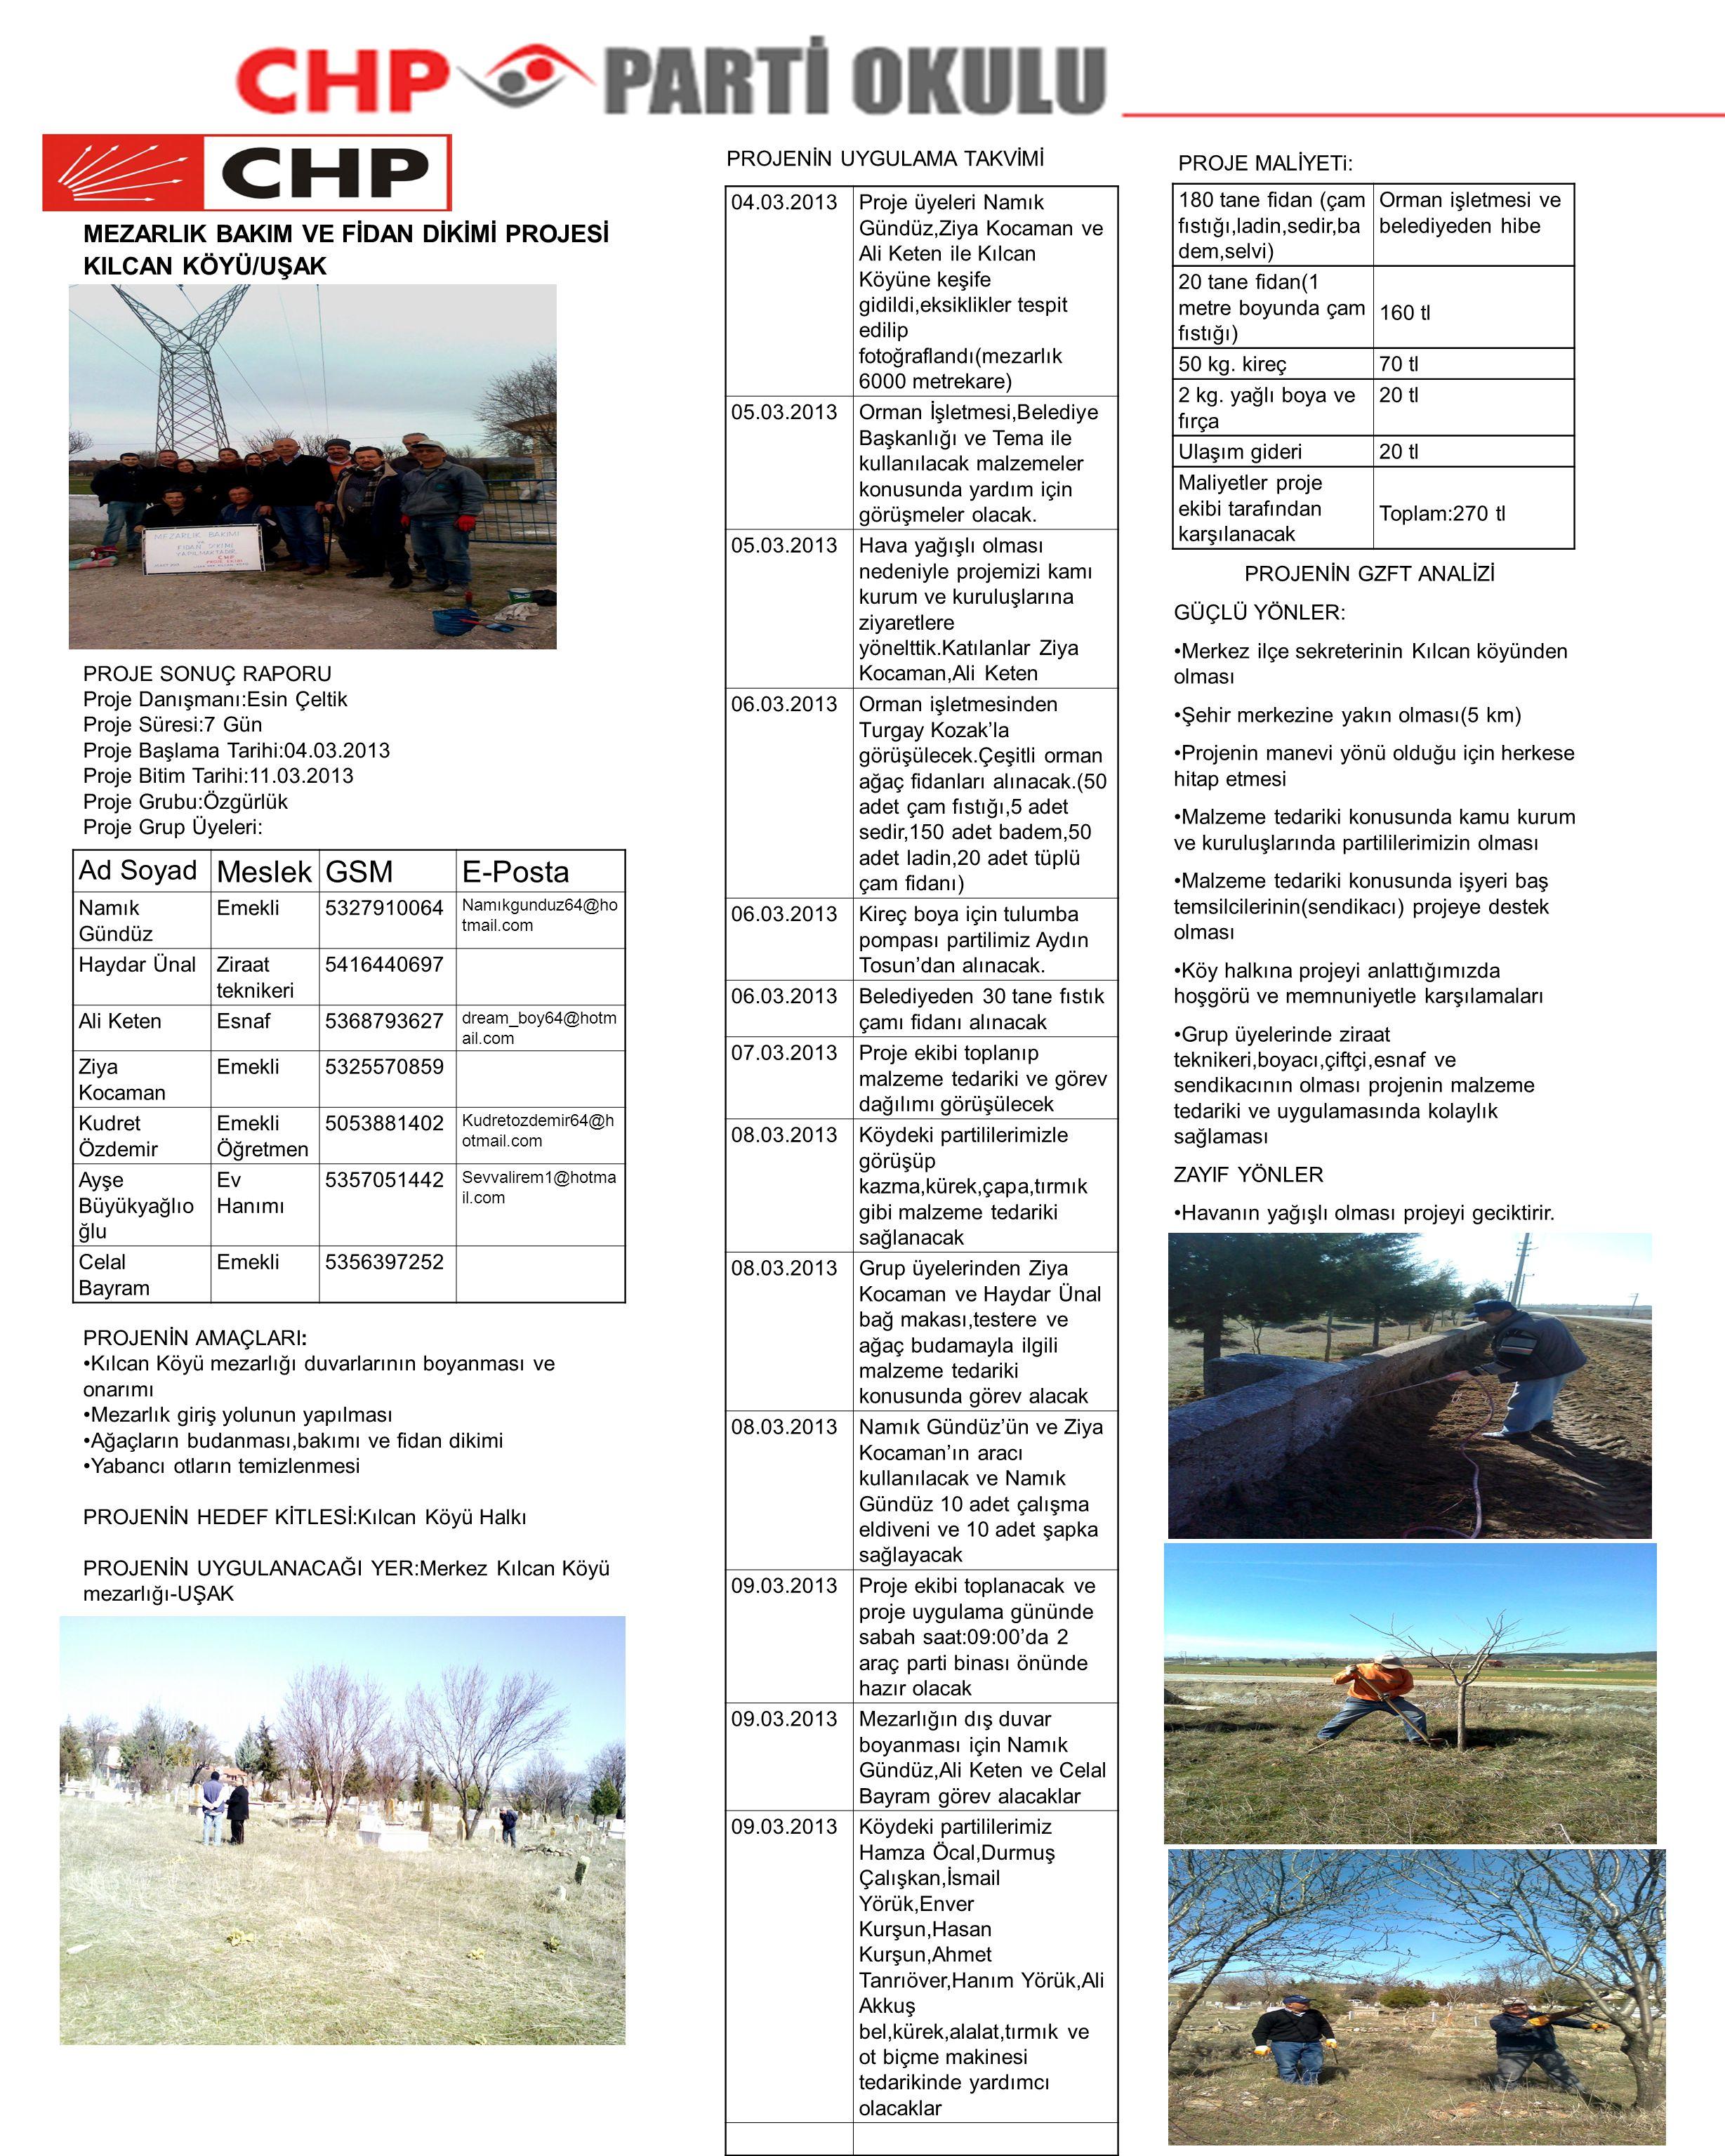 MEZARLIK BAKIM VE FİDAN DİKİMİ PROJESİ KILCAN KÖYÜ/UŞAK PROJE SONUÇ RAPORU Proje Danışmanı:Esin Çeltik Proje Süresi:7 Gün Proje Başlama Tarihi:04.03.2013 Proje Bitim Tarihi:11.03.2013 Proje Grubu:Özgürlük Proje Grup Üyeleri: PROJENİN AMAÇLARI: Kılcan Köyü mezarlığı duvarlarının boyanması ve onarımı Mezarlık giriş yolunun yapılması Ağaçların budanması,bakımı ve fidan dikimi Yabancı otların temizlenmesi PROJENİN HEDEF KİTLESİ:Kılcan Köyü Halkı PROJENİN UYGULANACAĞI YER:Merkez Kılcan Köyü mezarlığı-UŞAK Ad Soyad MeslekGSME-Posta Namık Gündüz Emekli5327910064 Namıkgunduz64@ho tmail.com Haydar ÜnalZiraat teknikeri 5416440697 Ali KetenEsnaf5368793627 dream_boy64@hotm ail.com Ziya Kocaman Emekli5325570859 Kudret Özdemir Emekli Öğretmen 5053881402 Kudretozdemir64@h otmail.com Ayşe Büyükyağlıo ğlu Ev Hanımı 5357051442 Sevvalirem1@hotma il.com Celal Bayram Emekli5356397252 PROJENİN UYGULAMA TAKVİMİ 04.03.2013Proje üyeleri Namık Gündüz,Ziya Kocaman ve Ali Keten ile Kılcan Köyüne keşife gidildi,eksiklikler tespit edilip fotoğraflandı(mezarlık 6000 metrekare) 05.03.2013Orman İşletmesi,Belediye Başkanlığı ve Tema ile kullanılacak malzemeler konusunda yardım için görüşmeler olacak.